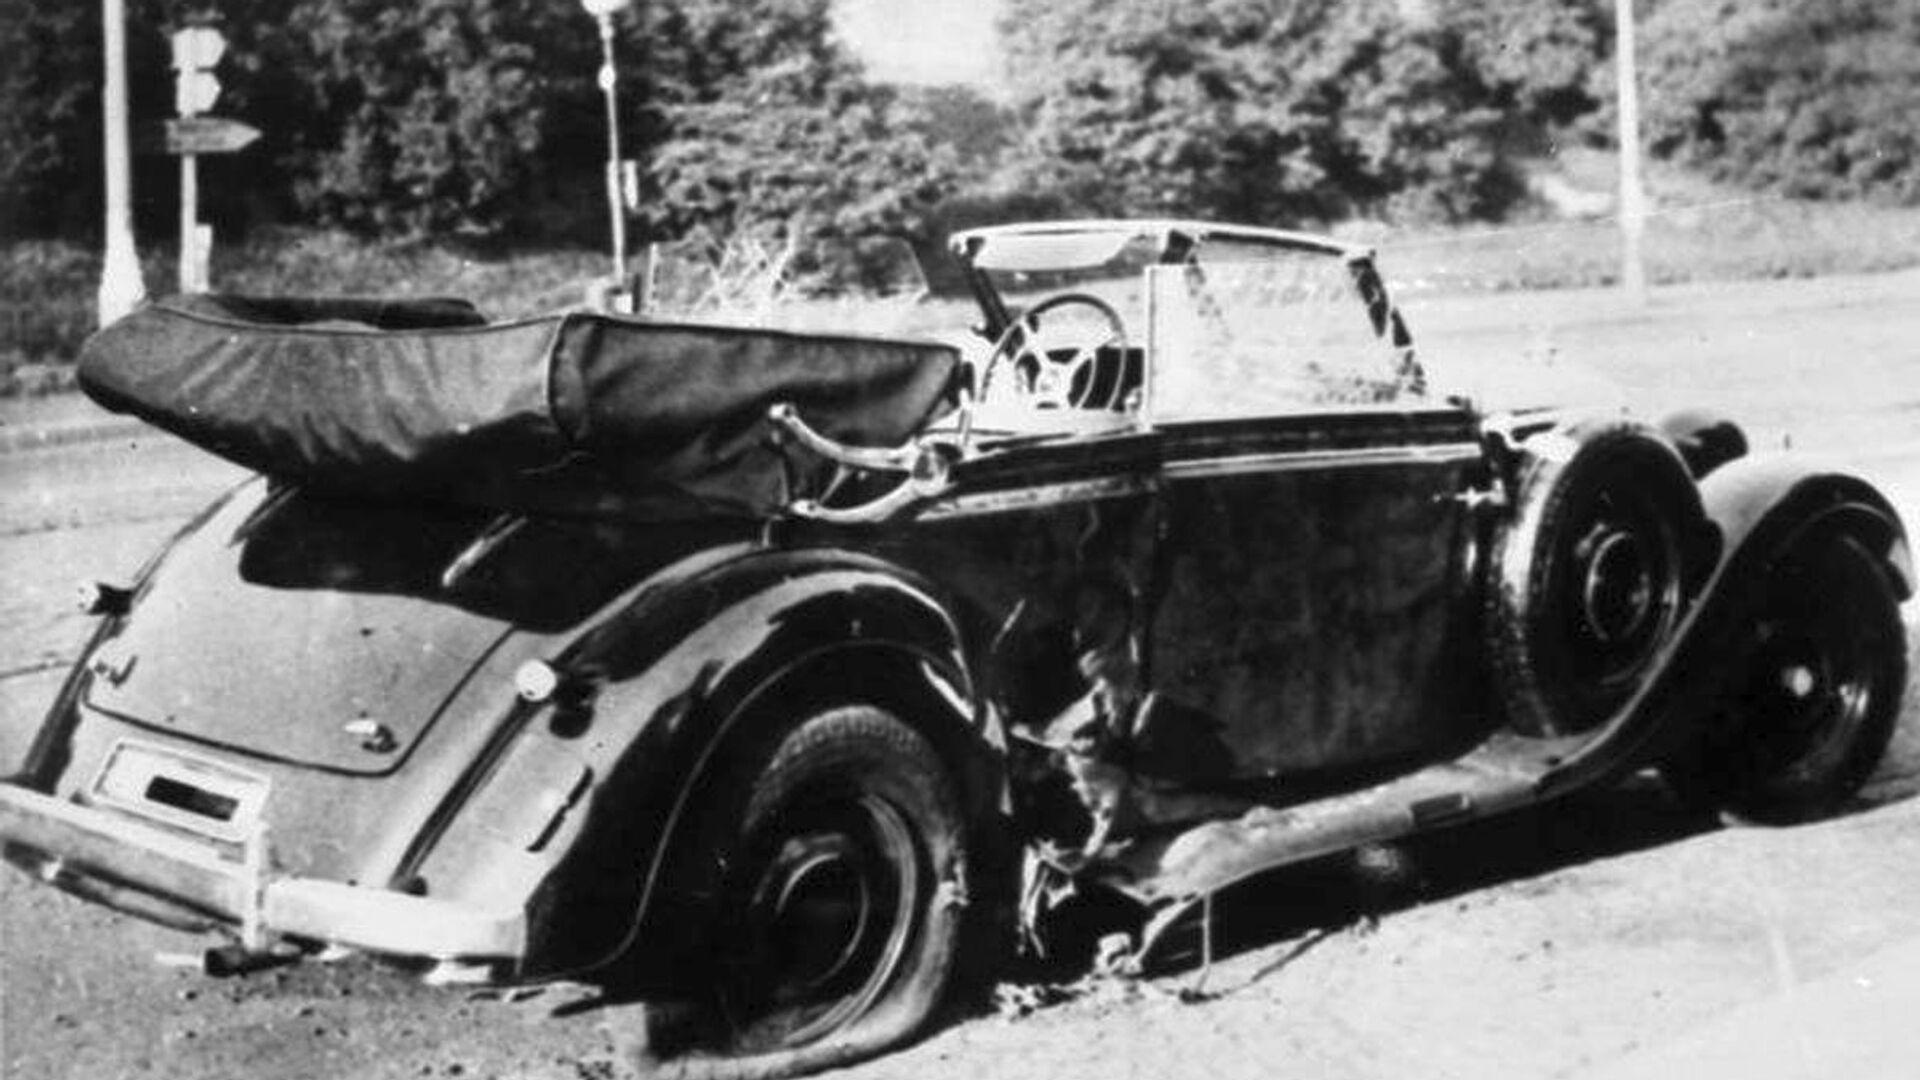 Poškozený vůz Mercedes-Benz W142 Reinharda Heydricha na místě činu, 1942 - Sputnik Česká republika, 1920, 27.05.2021